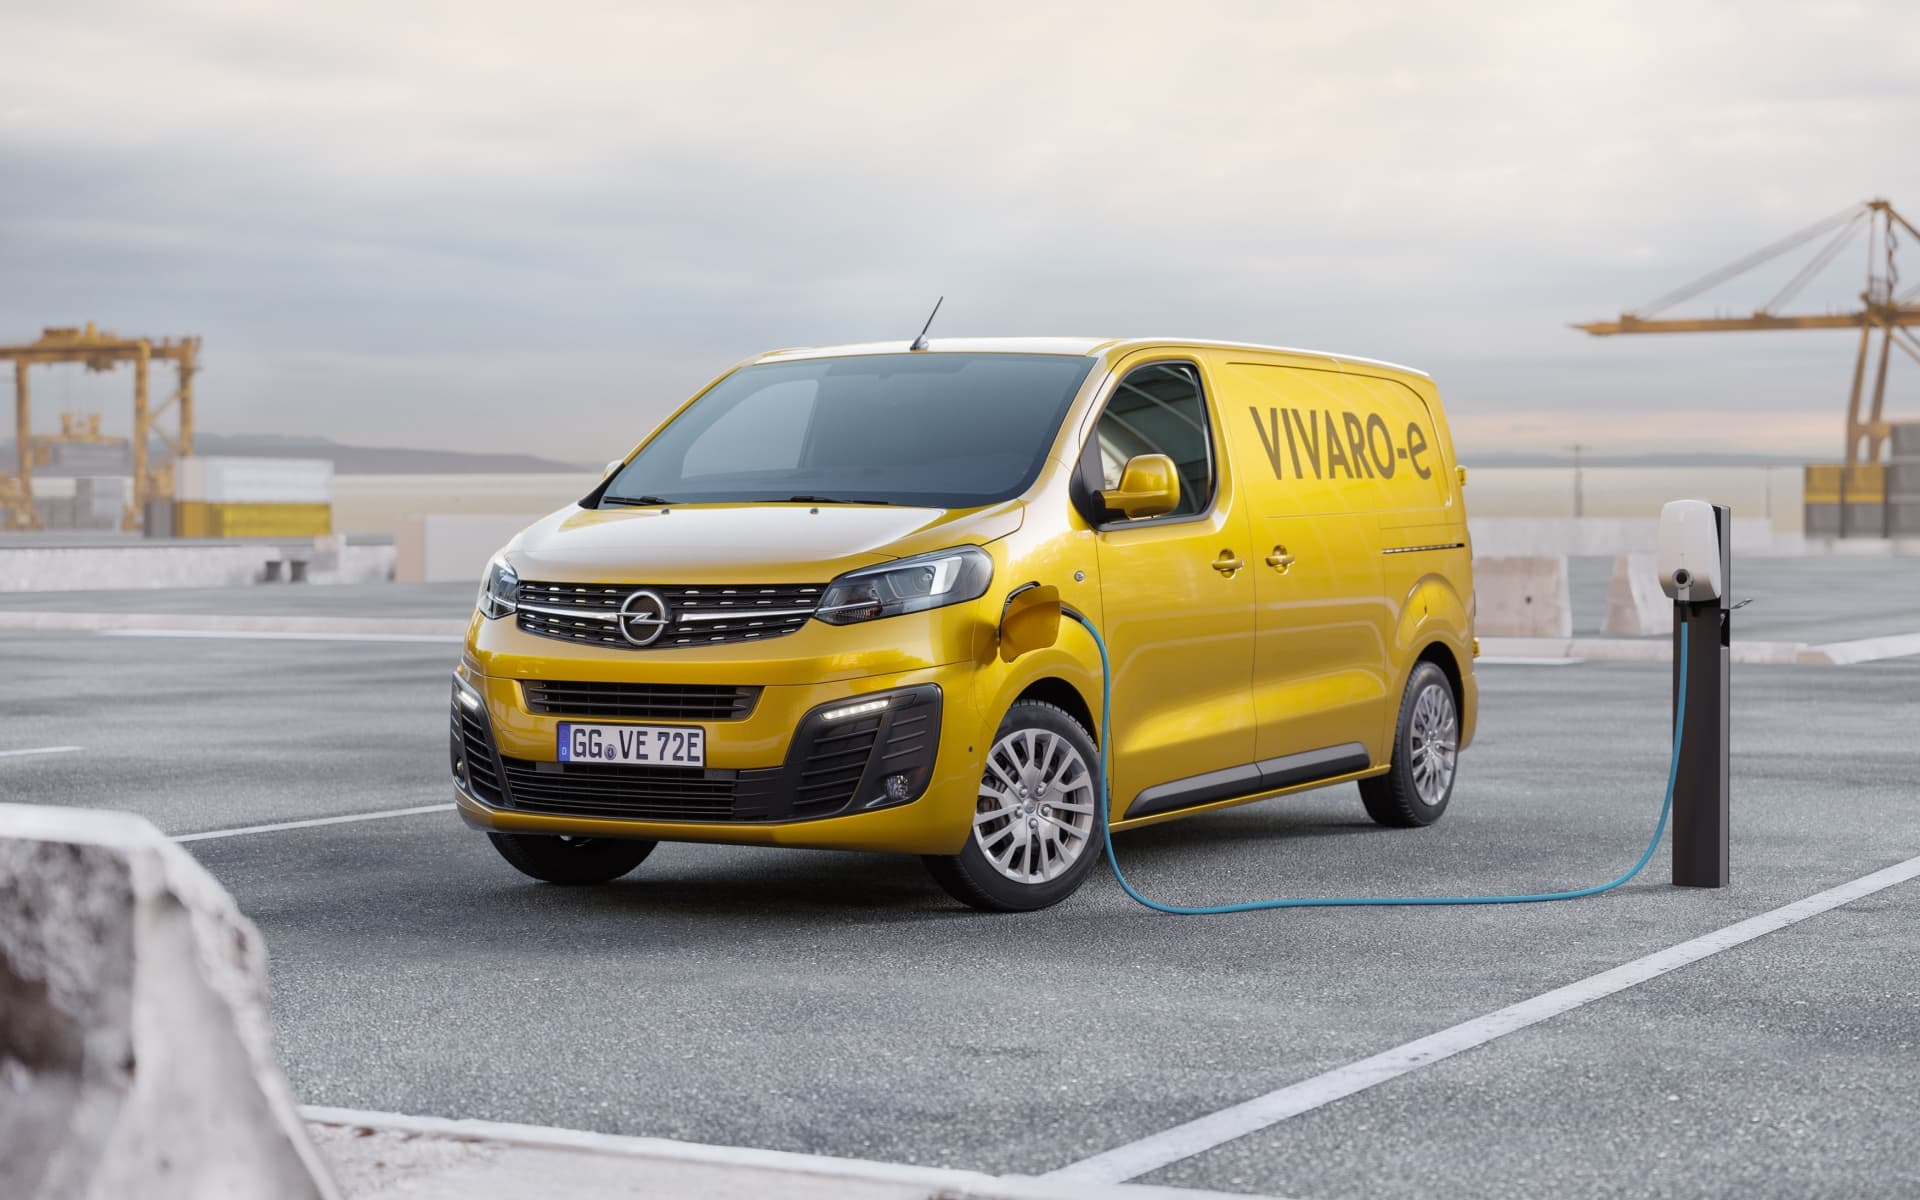 Opel Vivaro E 02